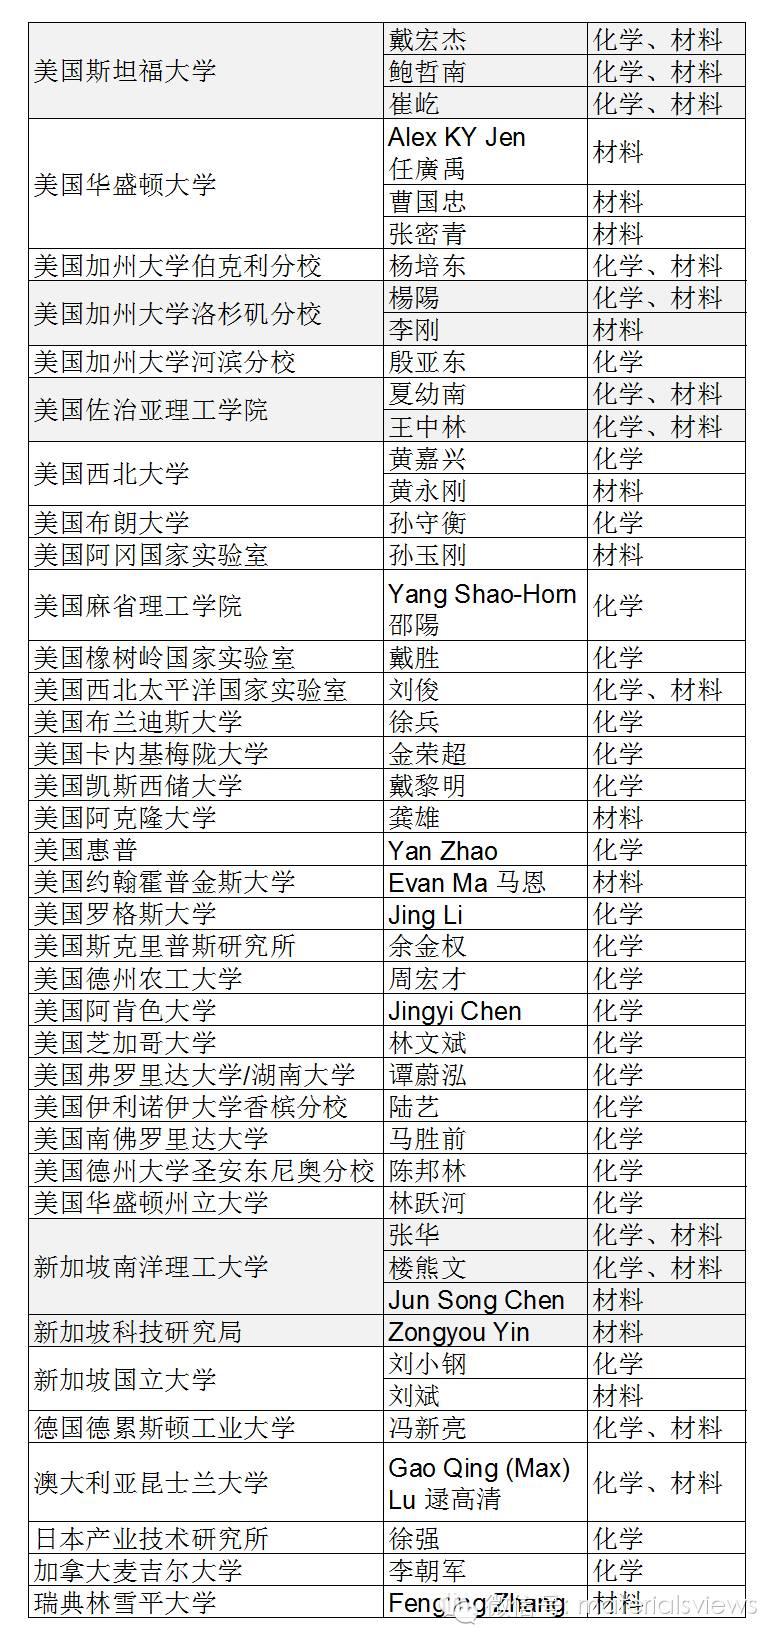 2015年 高被引华人科学家名单(化学与材料方向)